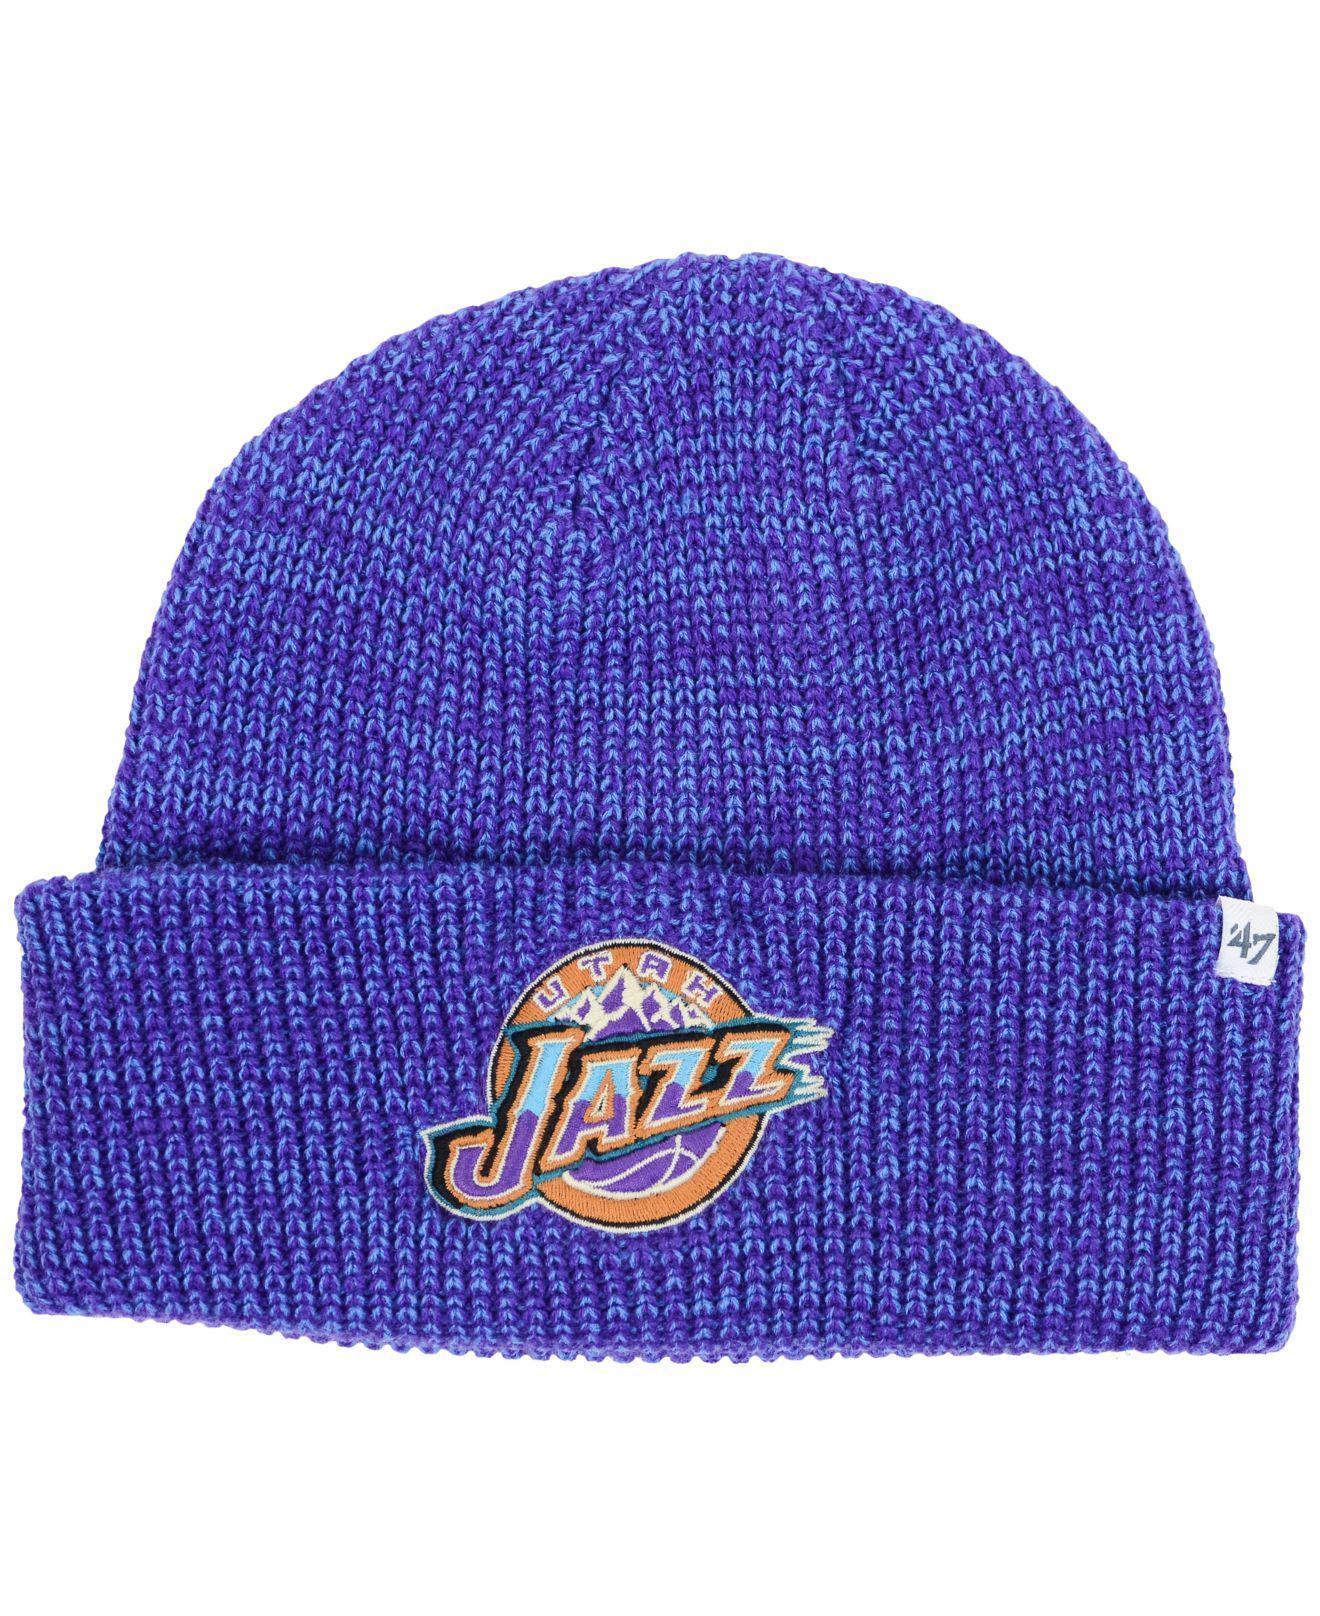 eace0f16340a2 Lyst - 47 Brand Utah Jazz Lancaster Cuff Knit Hat in Purple for Men